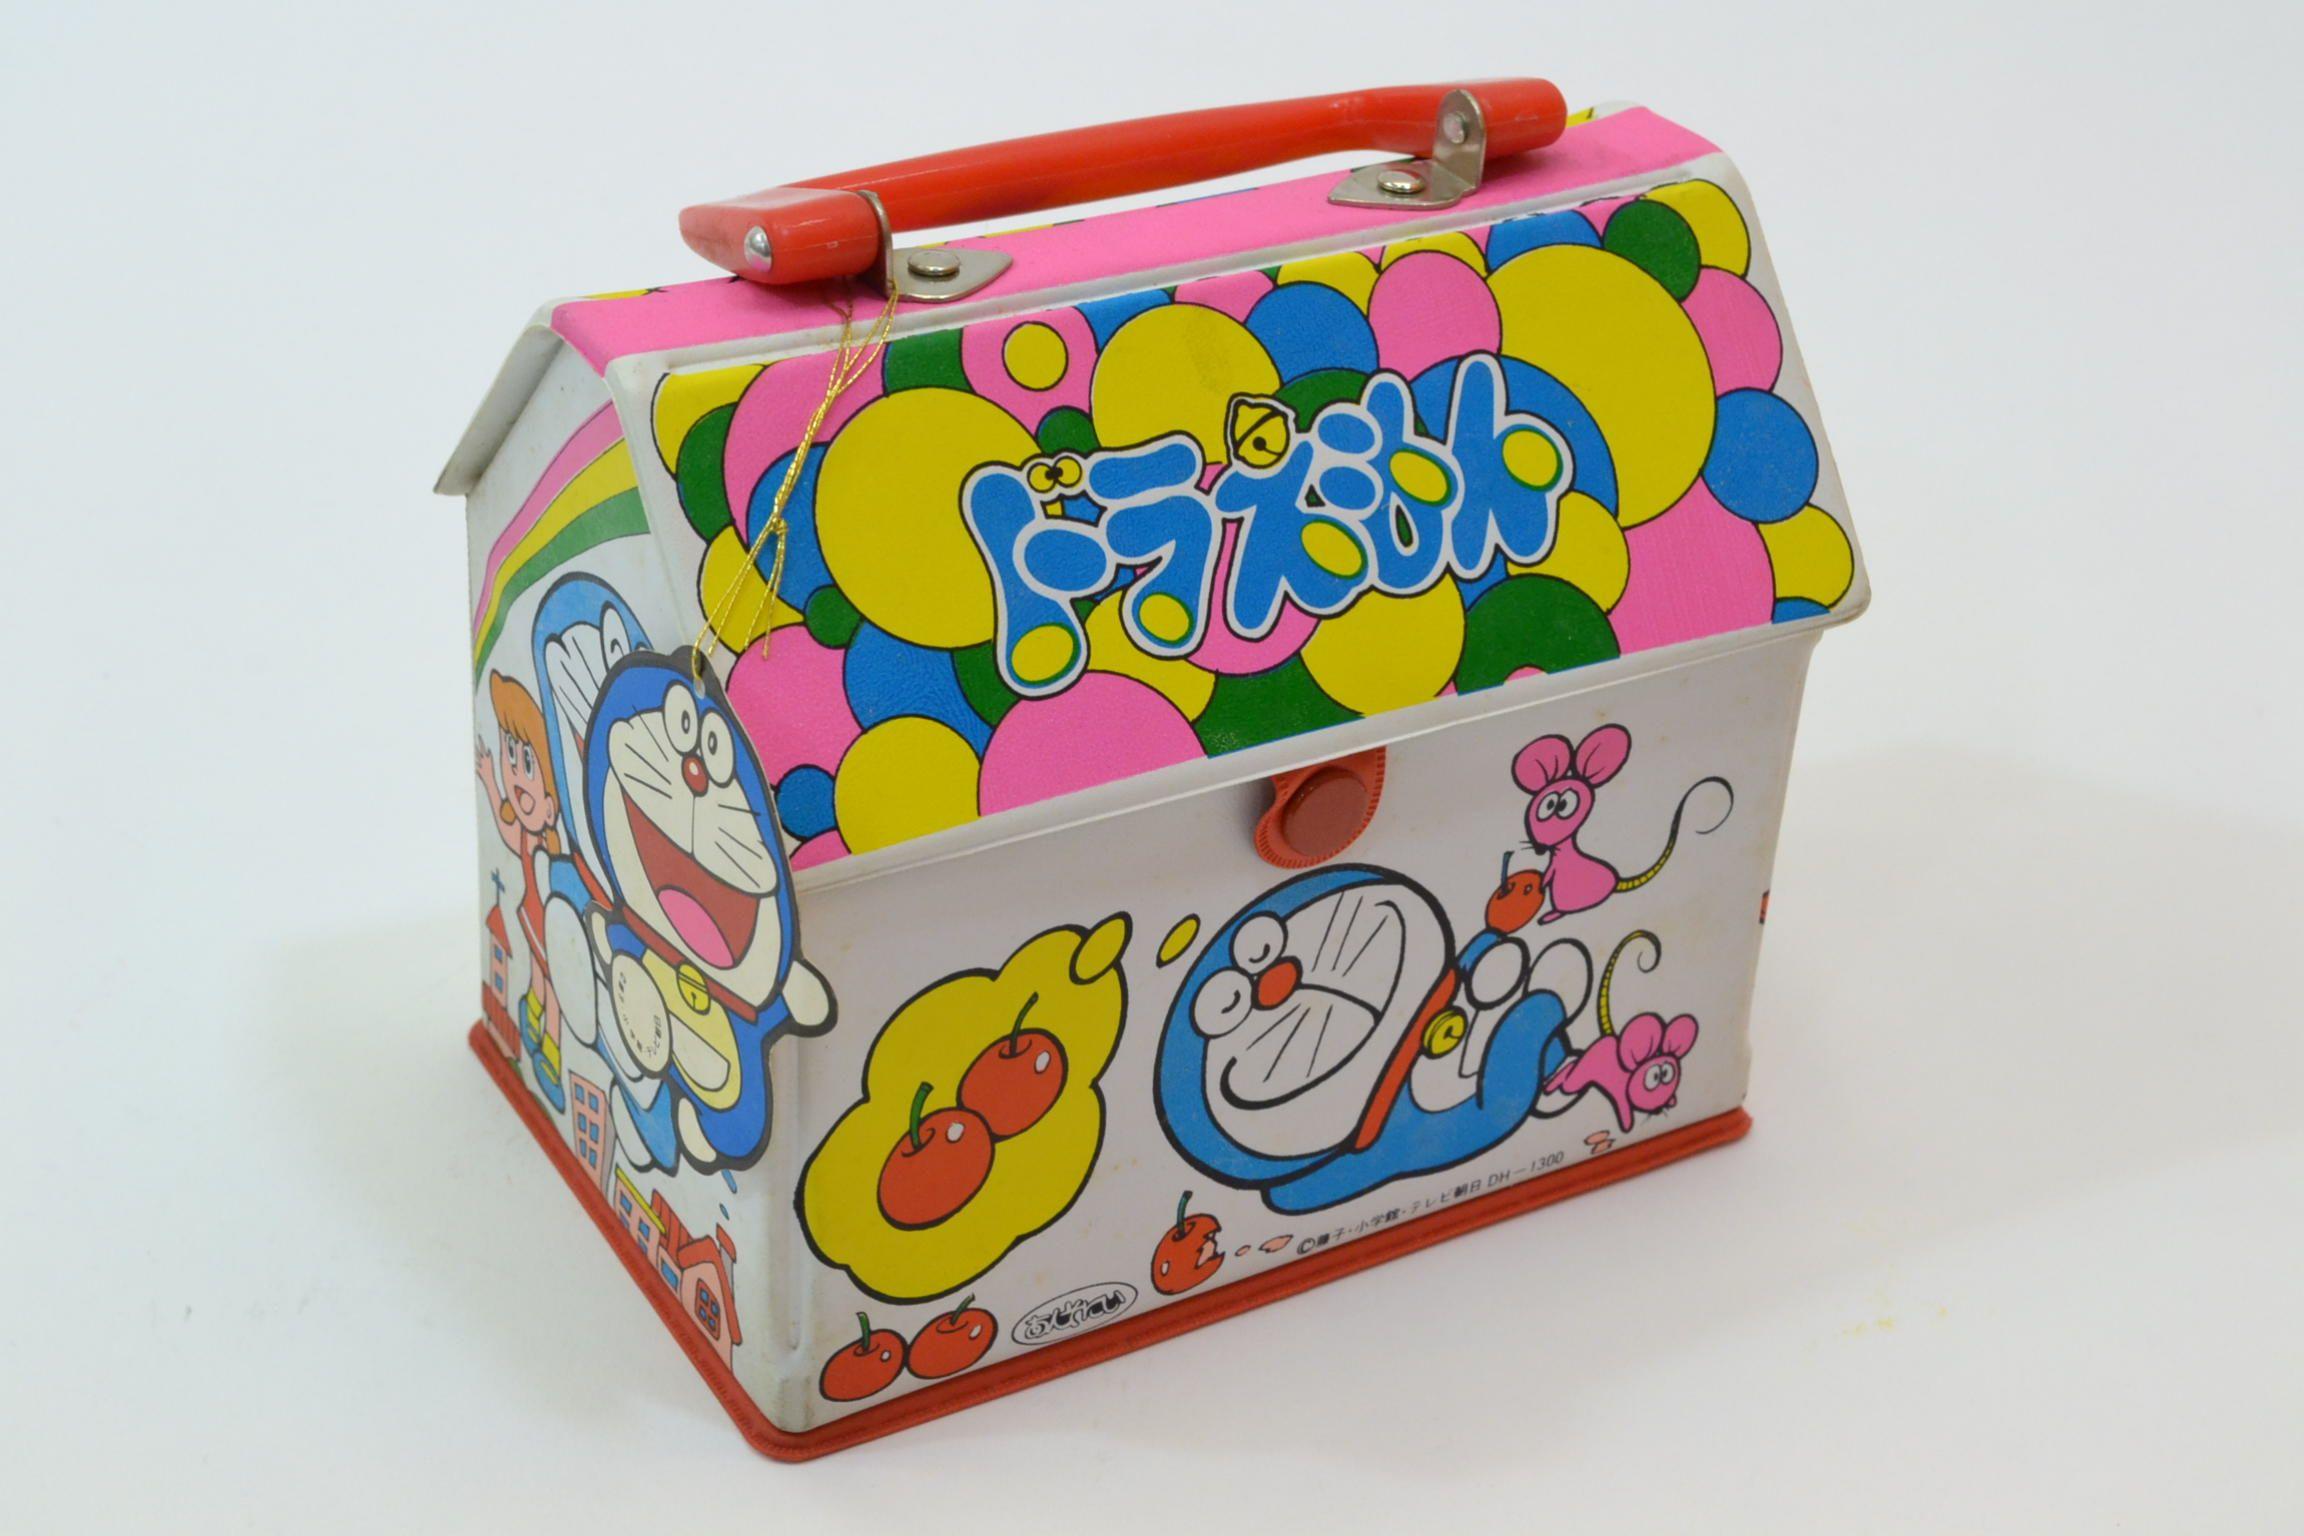 あんそにぃ ドラえもんハウスパック おもちゃ 昭和レトロ レトロ